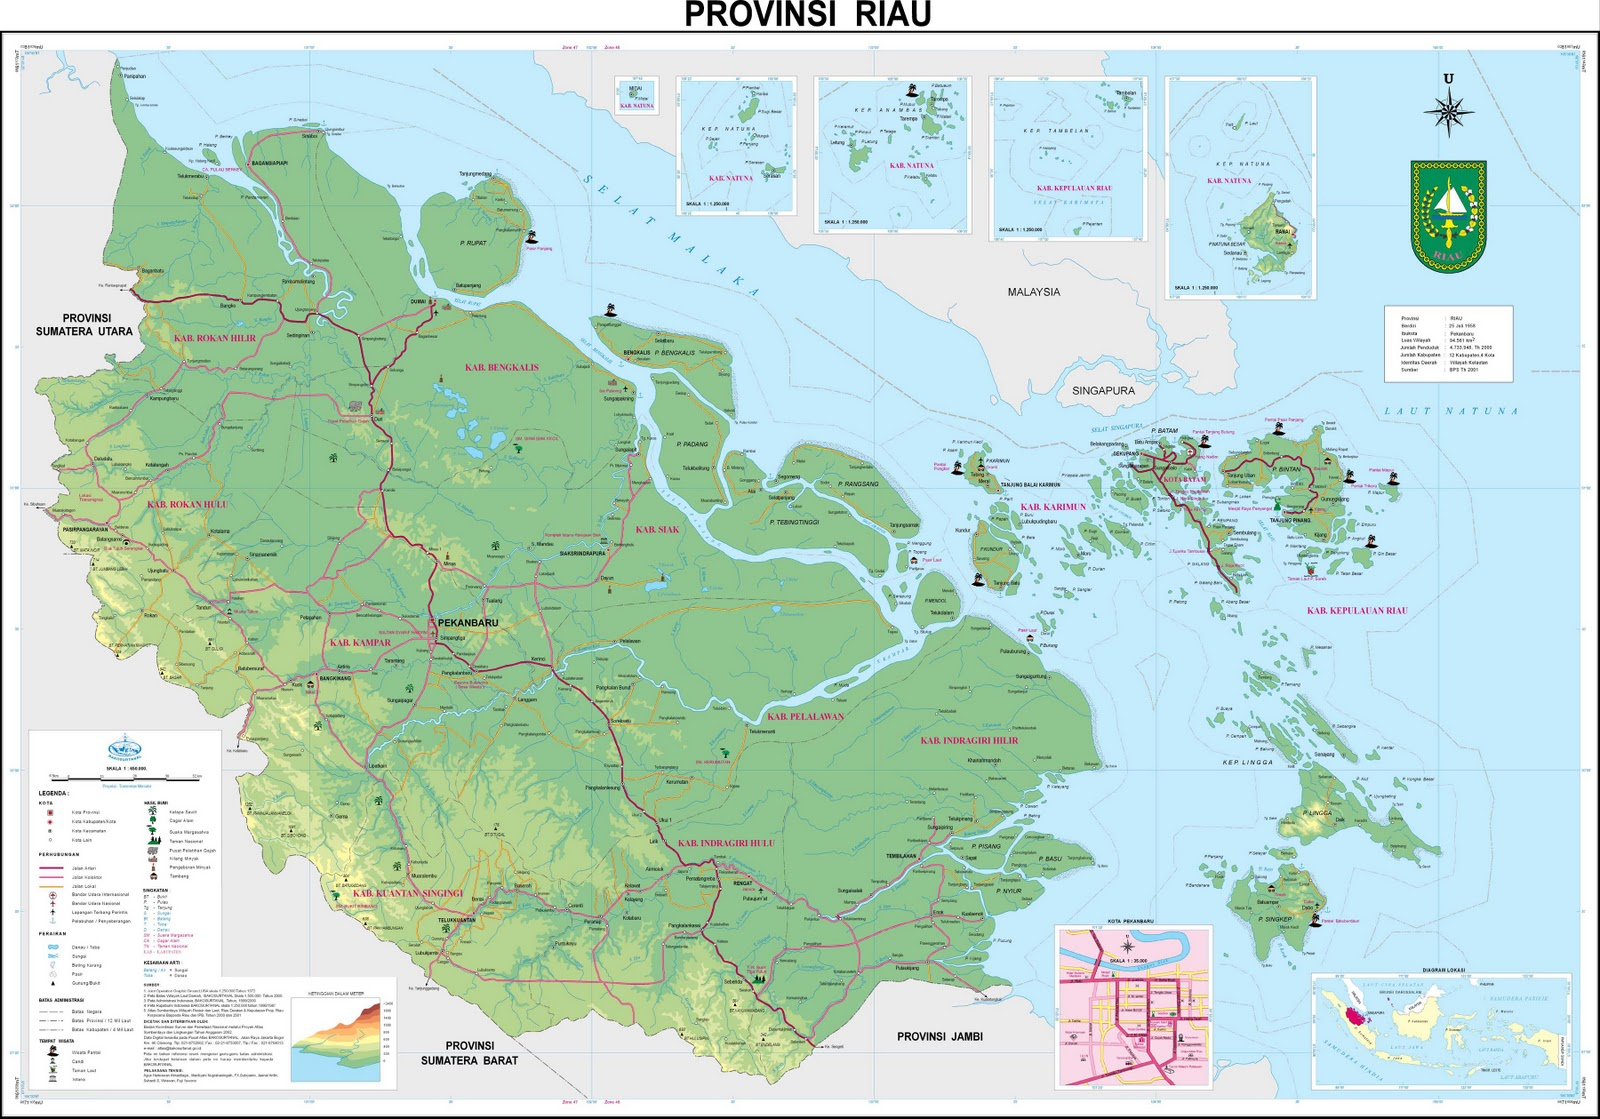 TAKJUB INDONESIA: PETA PROPINSI RIAU